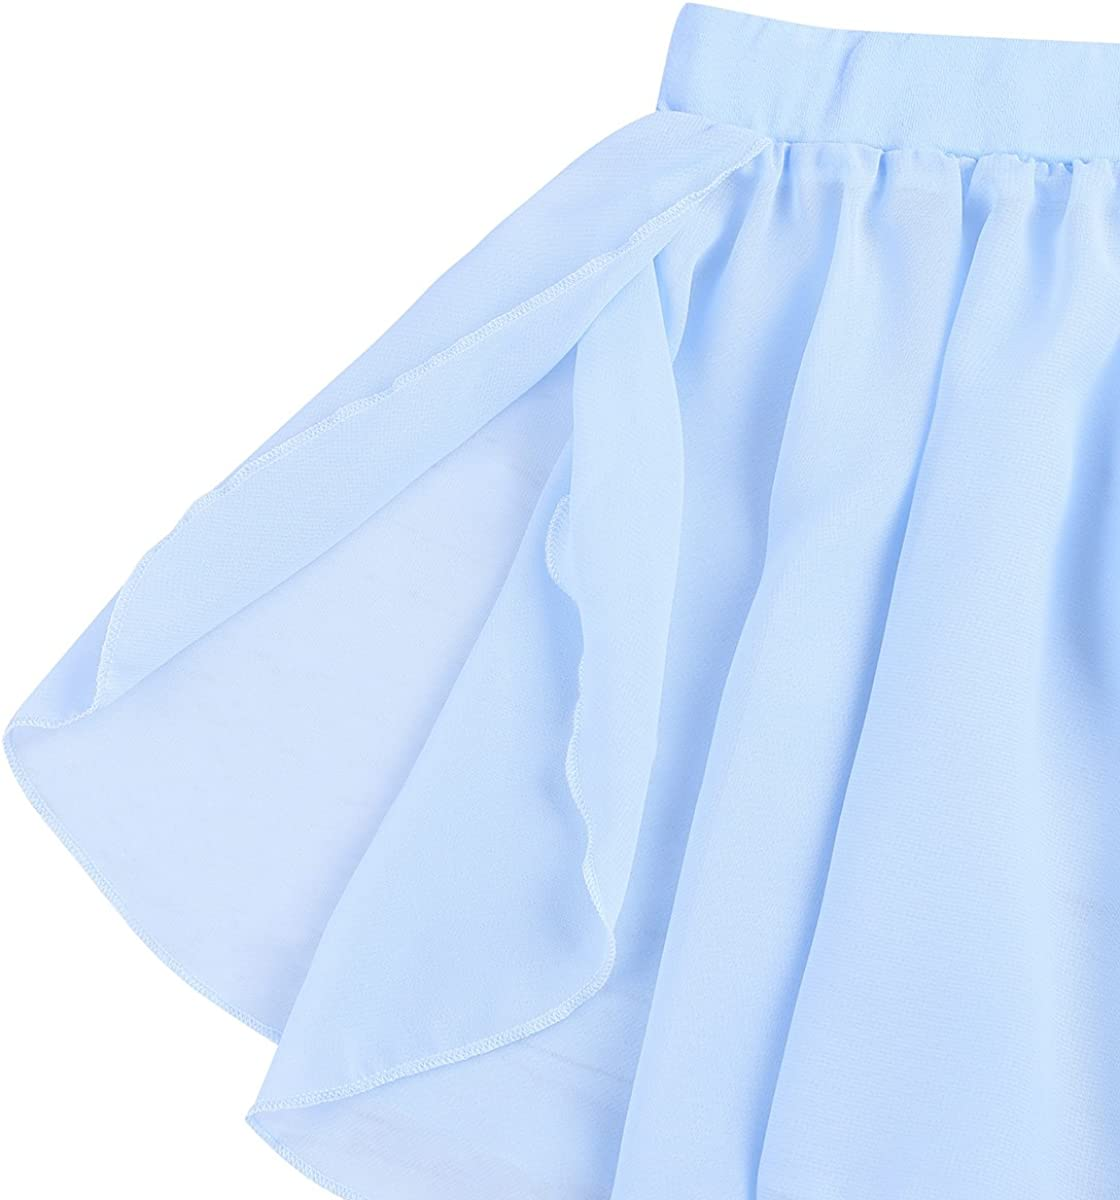 iiniim Enfant Fille Jupe de Danse Classique Moderne Ballet Tutu Robe de Princesse Courte Mousseline Volants Jupe Pliss/é Costume Casual Basique 3-8 Ans